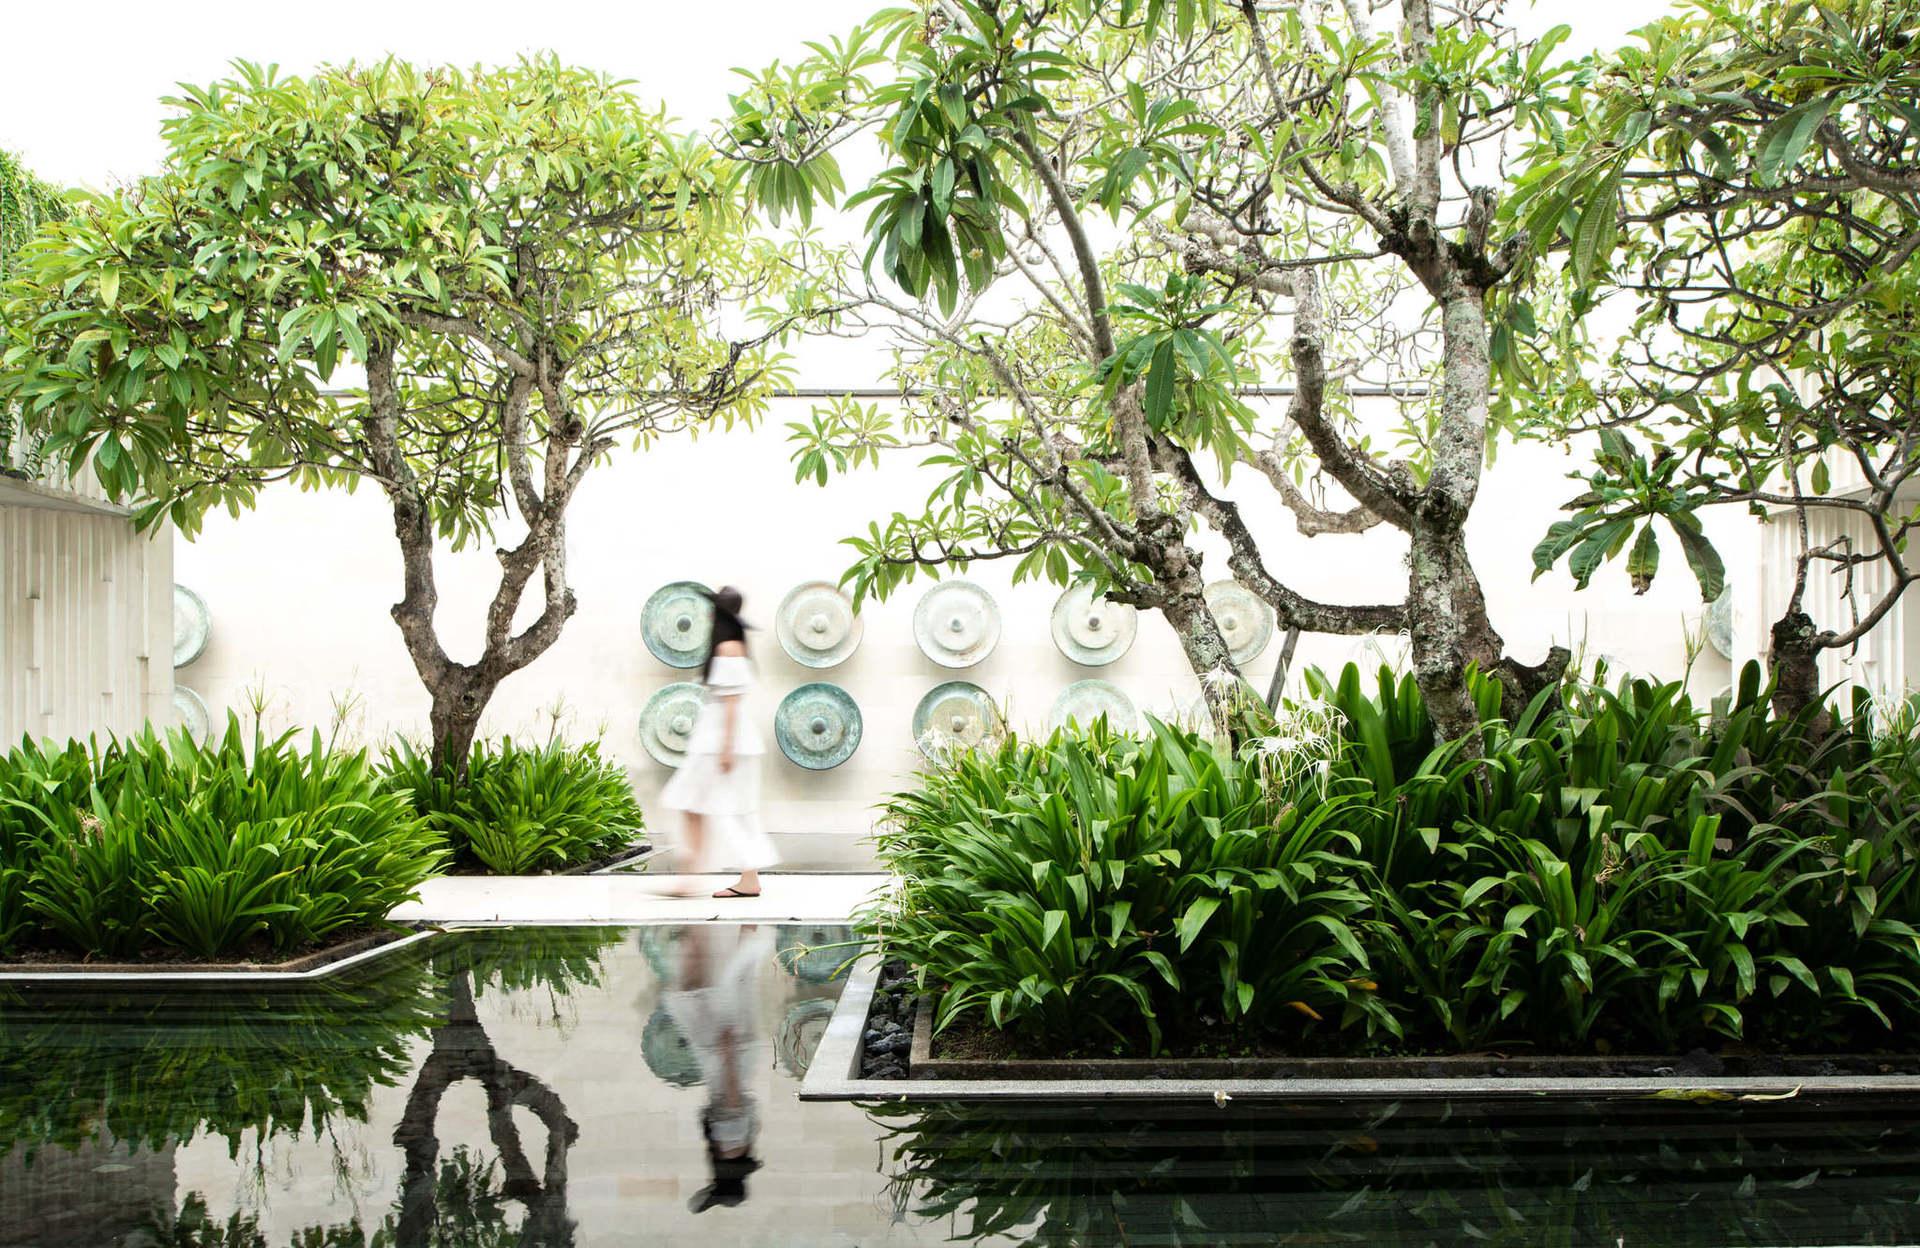 Улувату, Балі, Індонезія